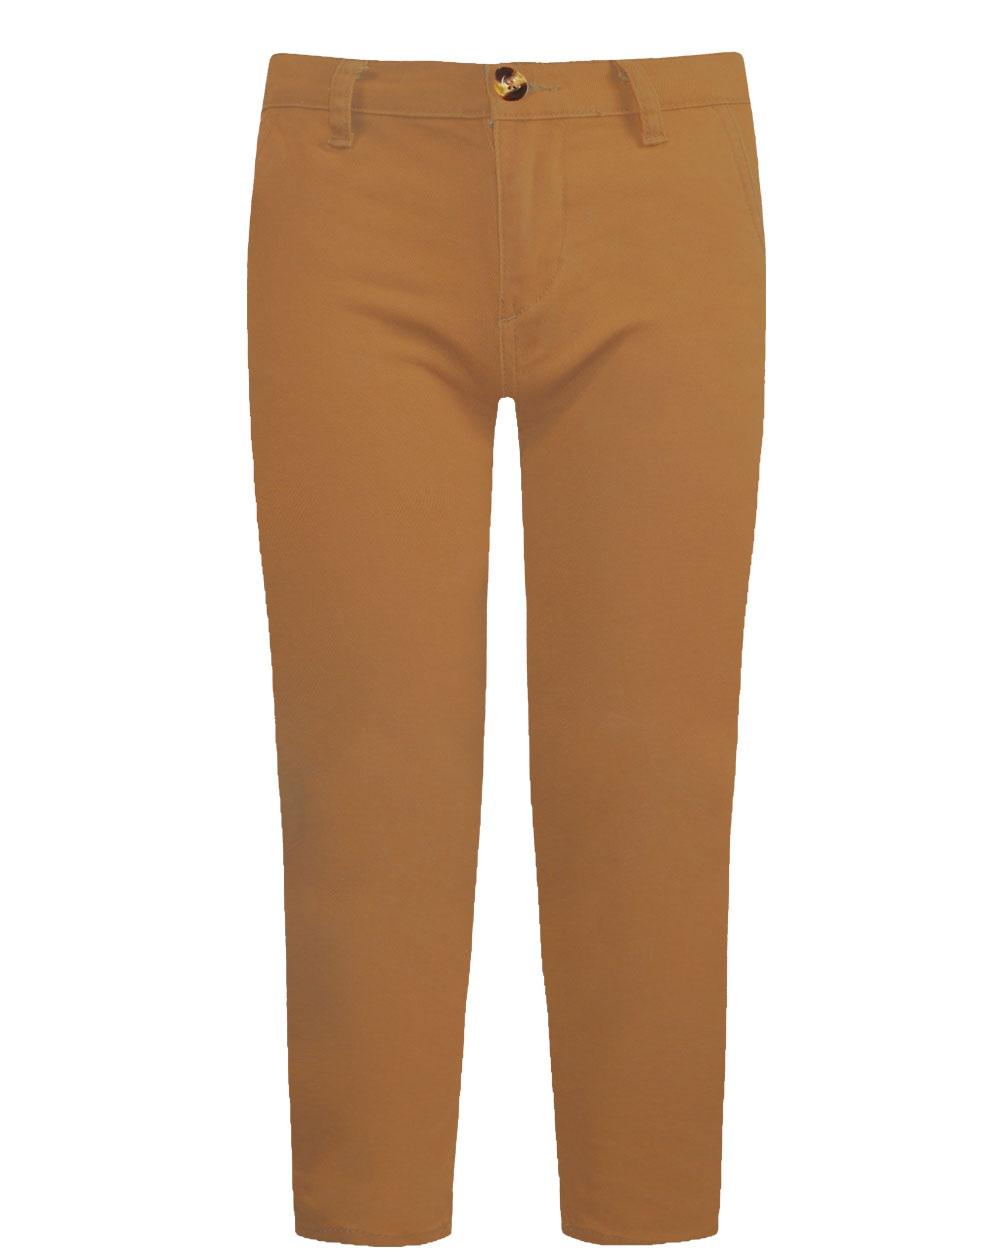 Ελαστικό παντελόνι chino μονόχρωμο ύφασμα καμβάς με εσωτερικό ρυθμιζόμενο λάστιχο μέσης σε slim fit 13-120009-2 - ΤΑΜΠΑ - 18169-37/12/327/111